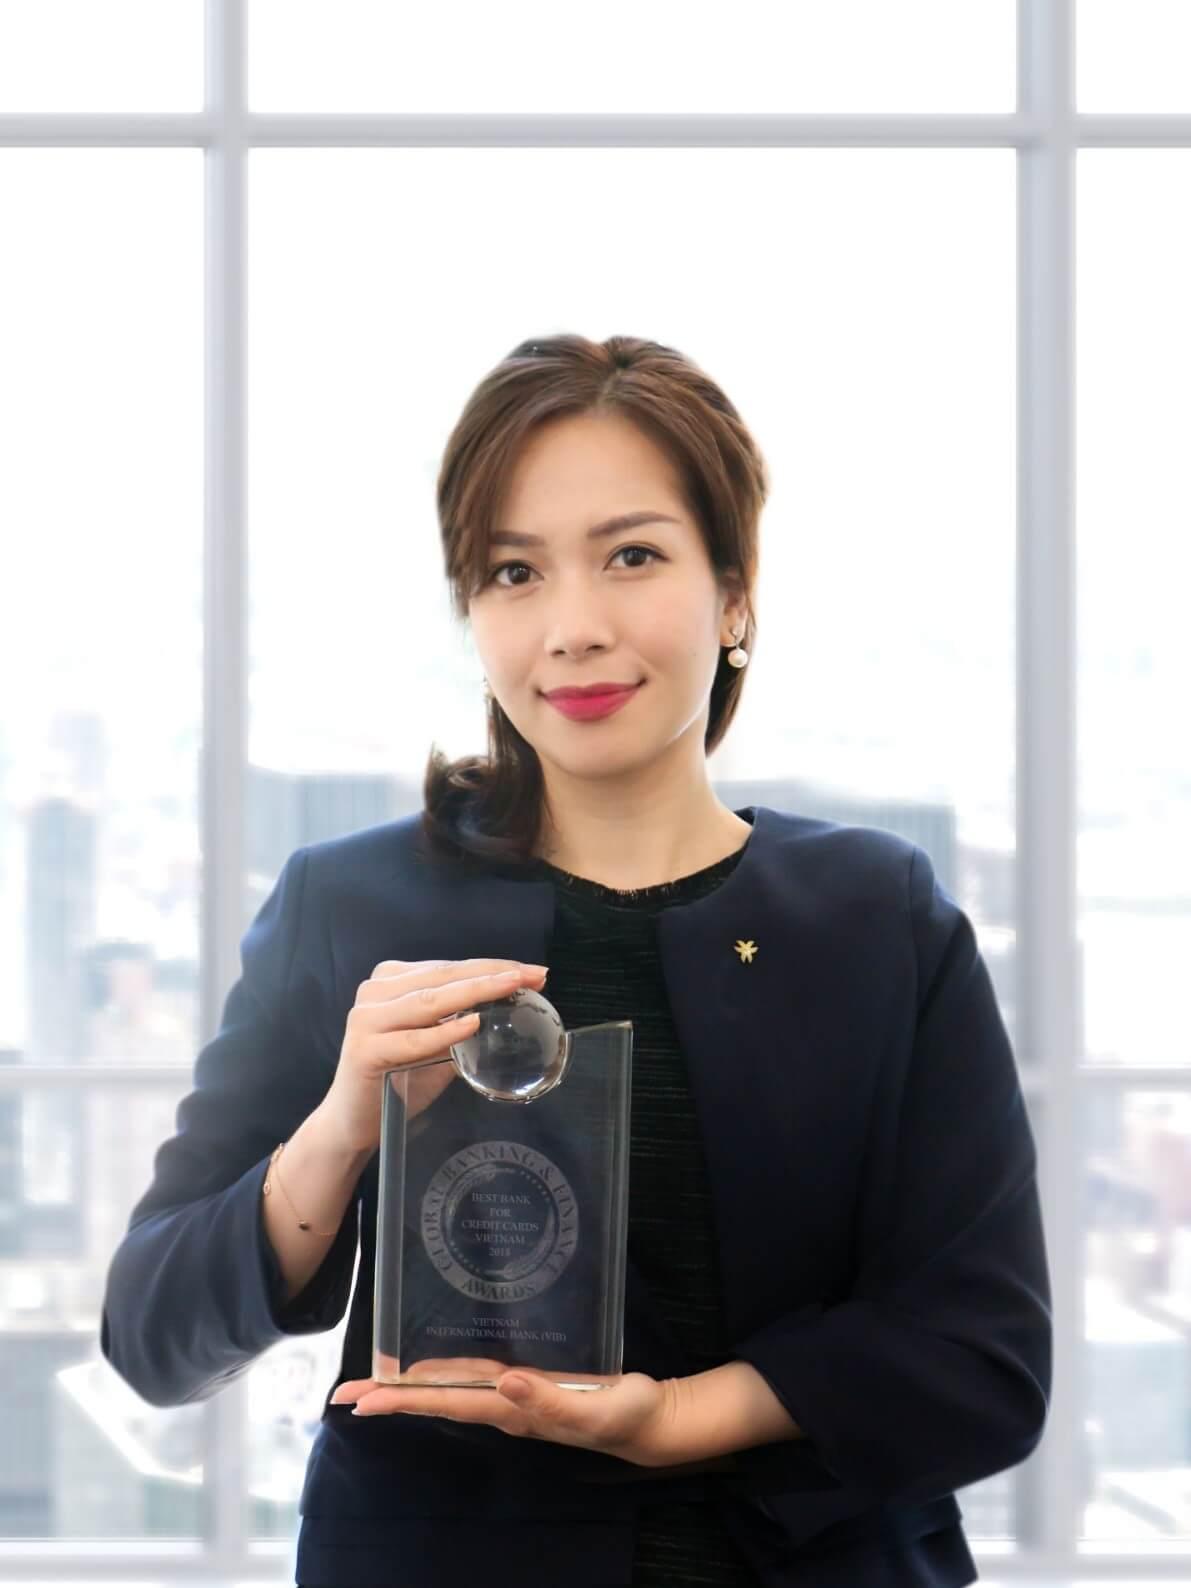 Bà Trần Thu Hương (Giám đốc chiến lược VIB) nhận giải thưởng từ GBAF